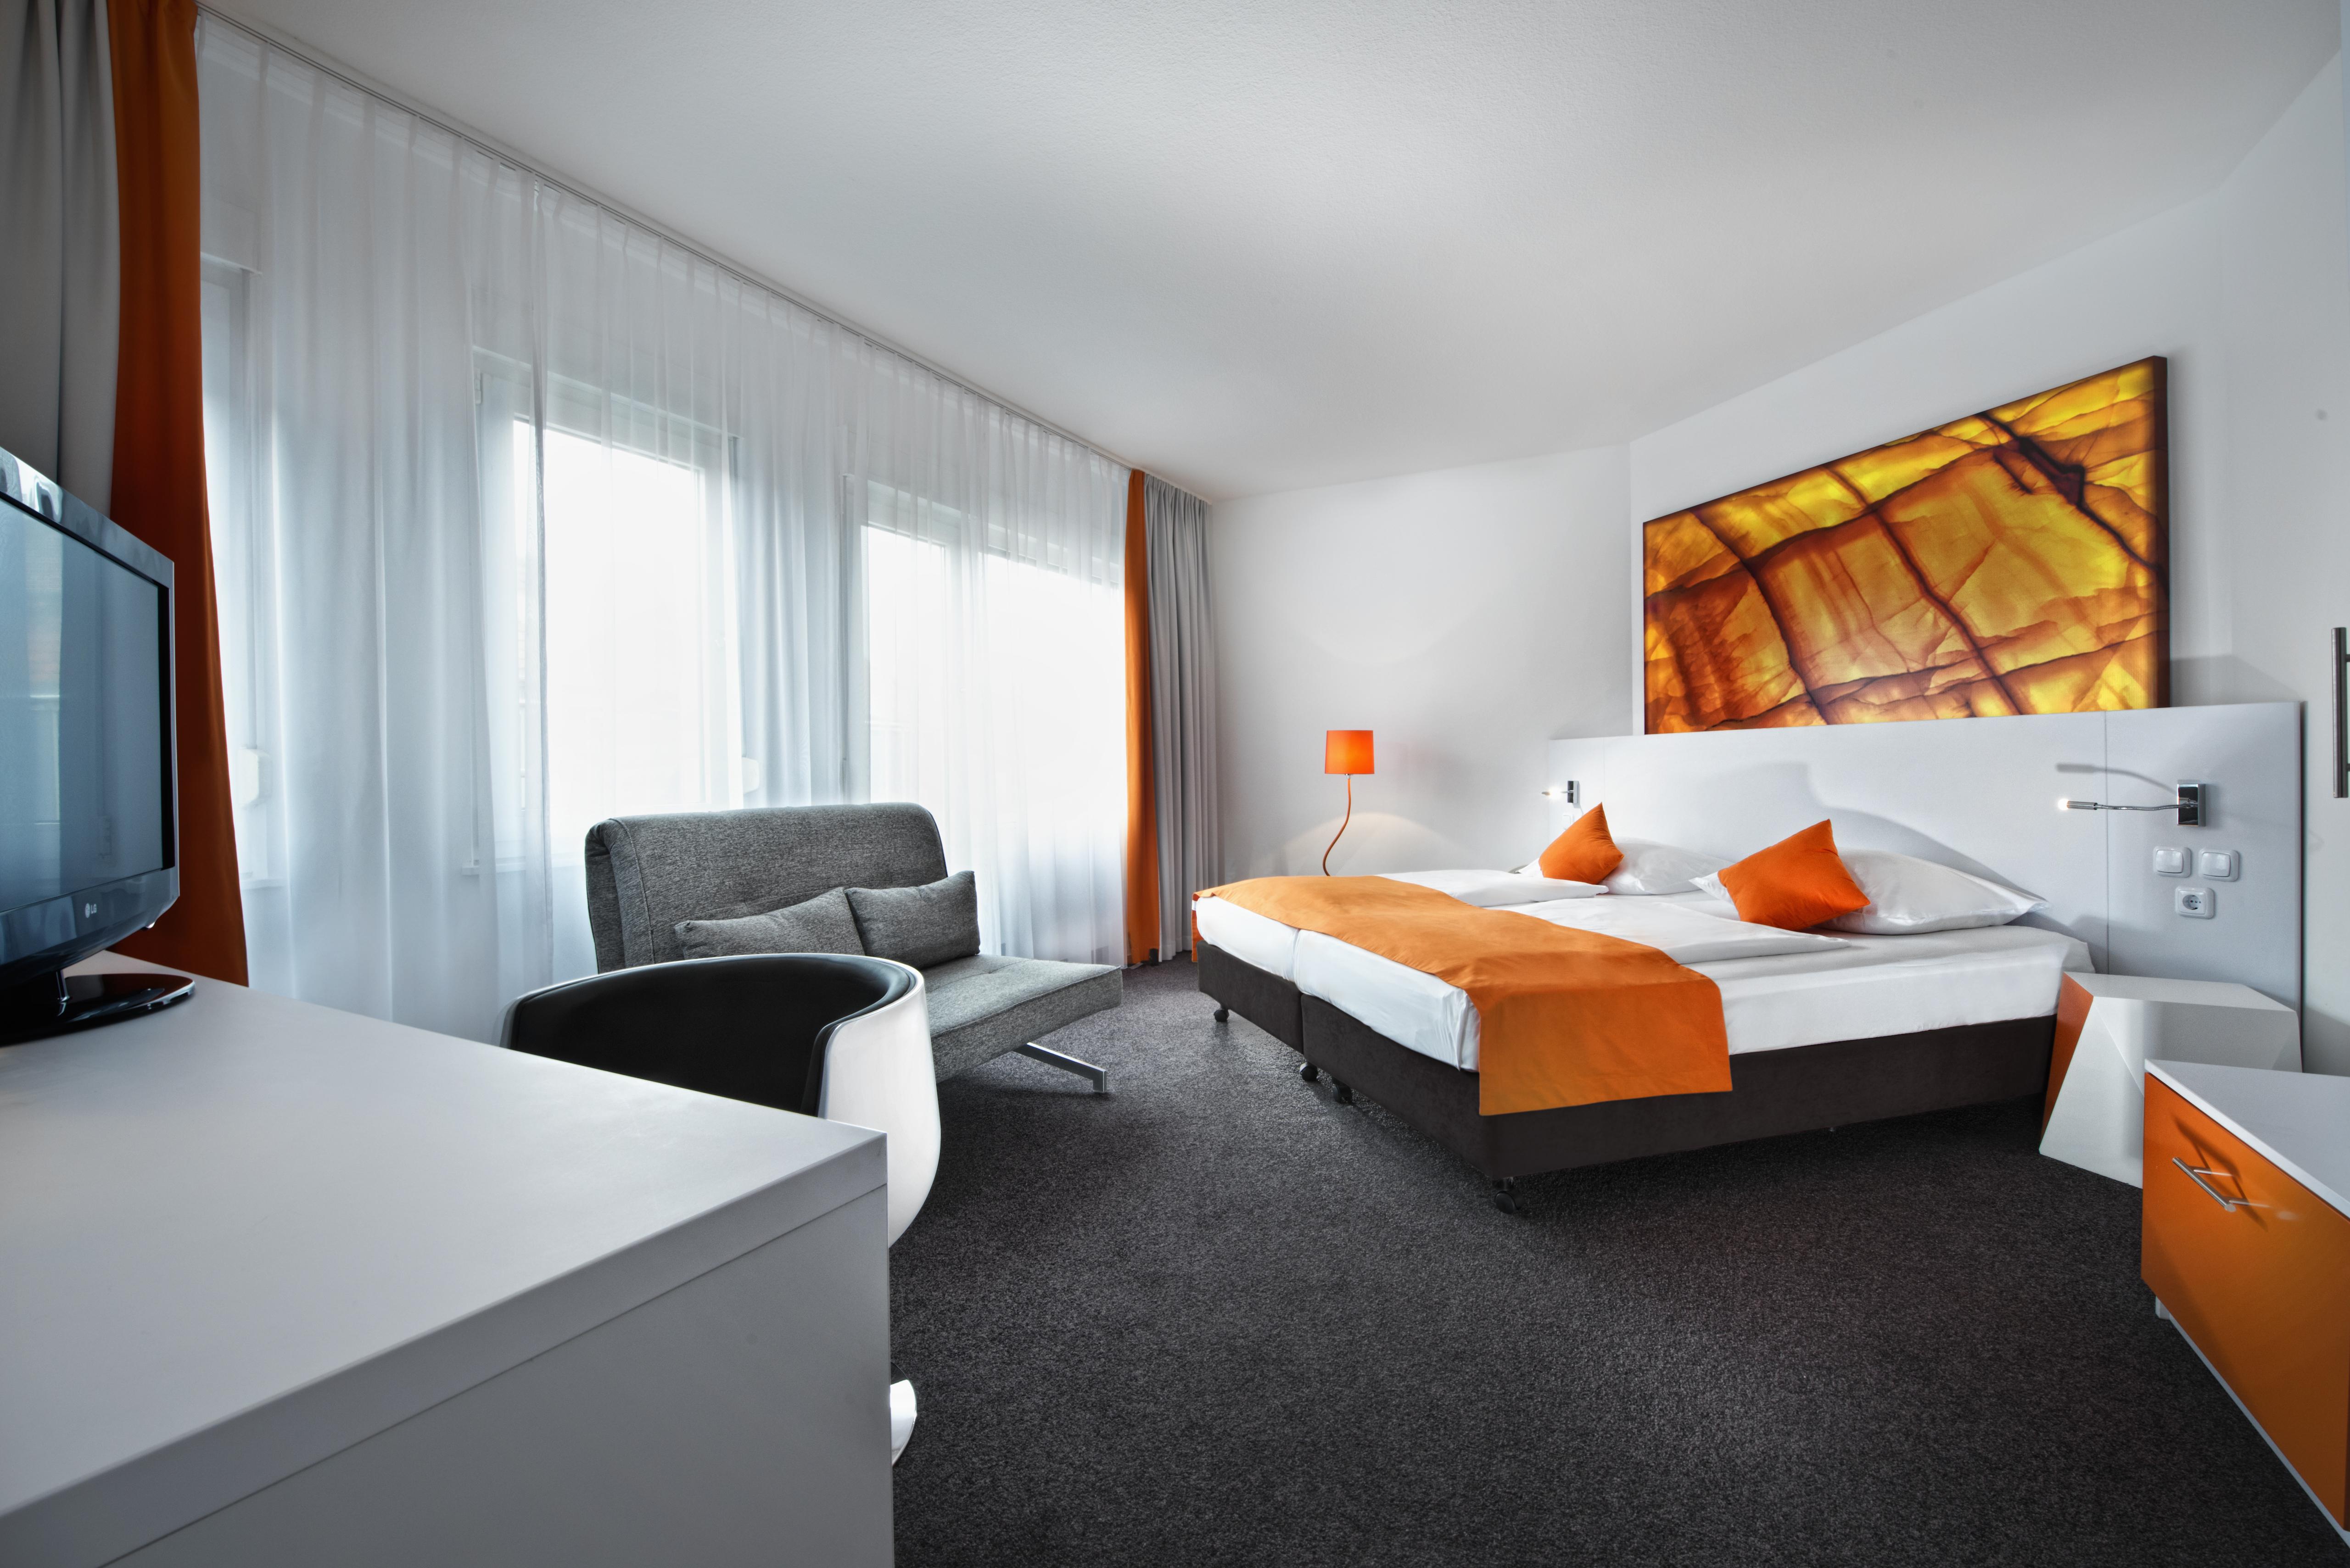 satndard double room with orange interior in dsseldorf city centre hotel wyndham garden dsseldorf - Wyndham Garden